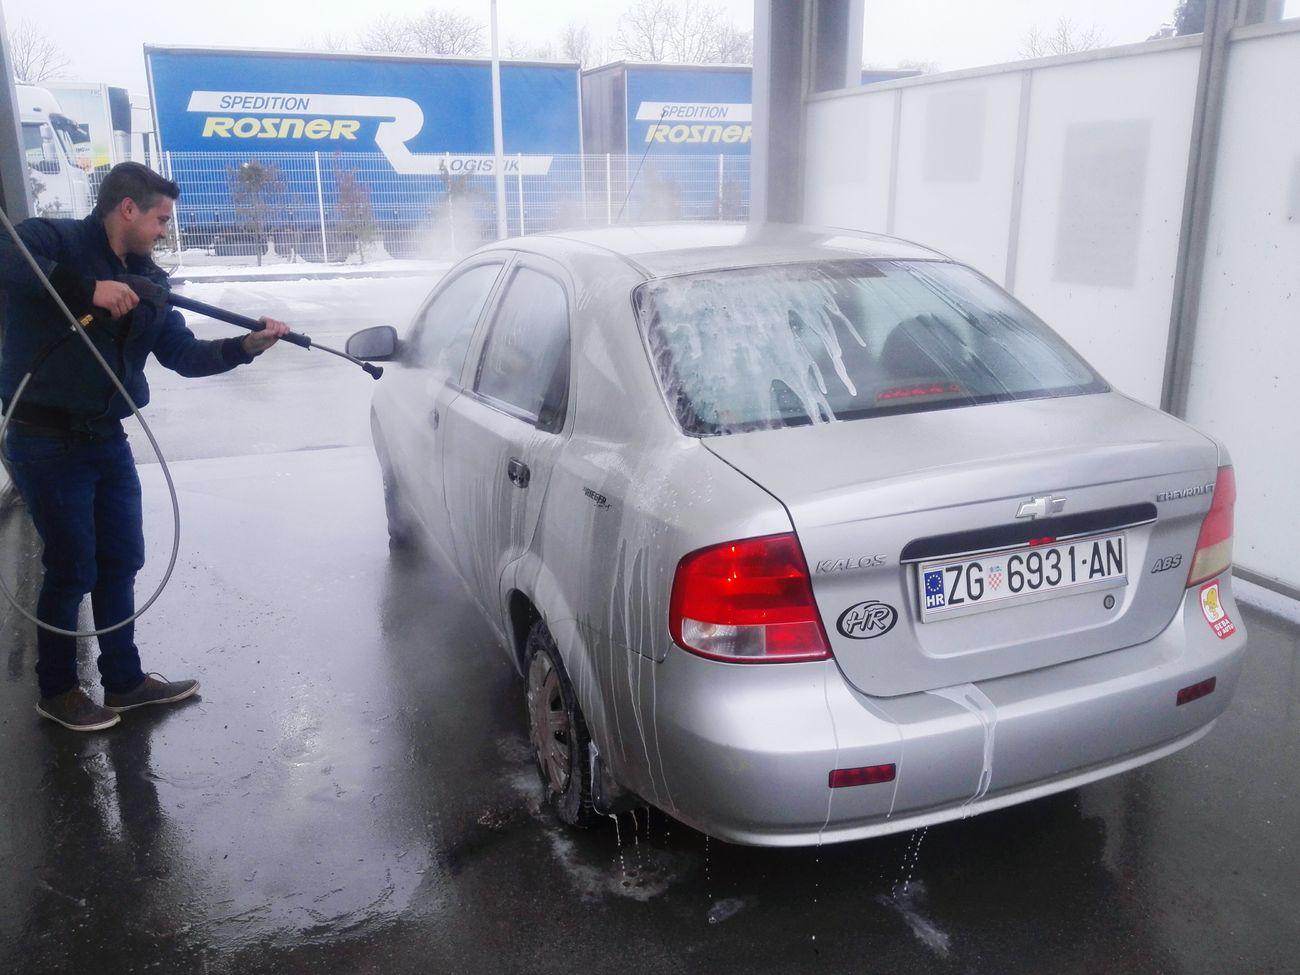 Car Wash Car Chervolet